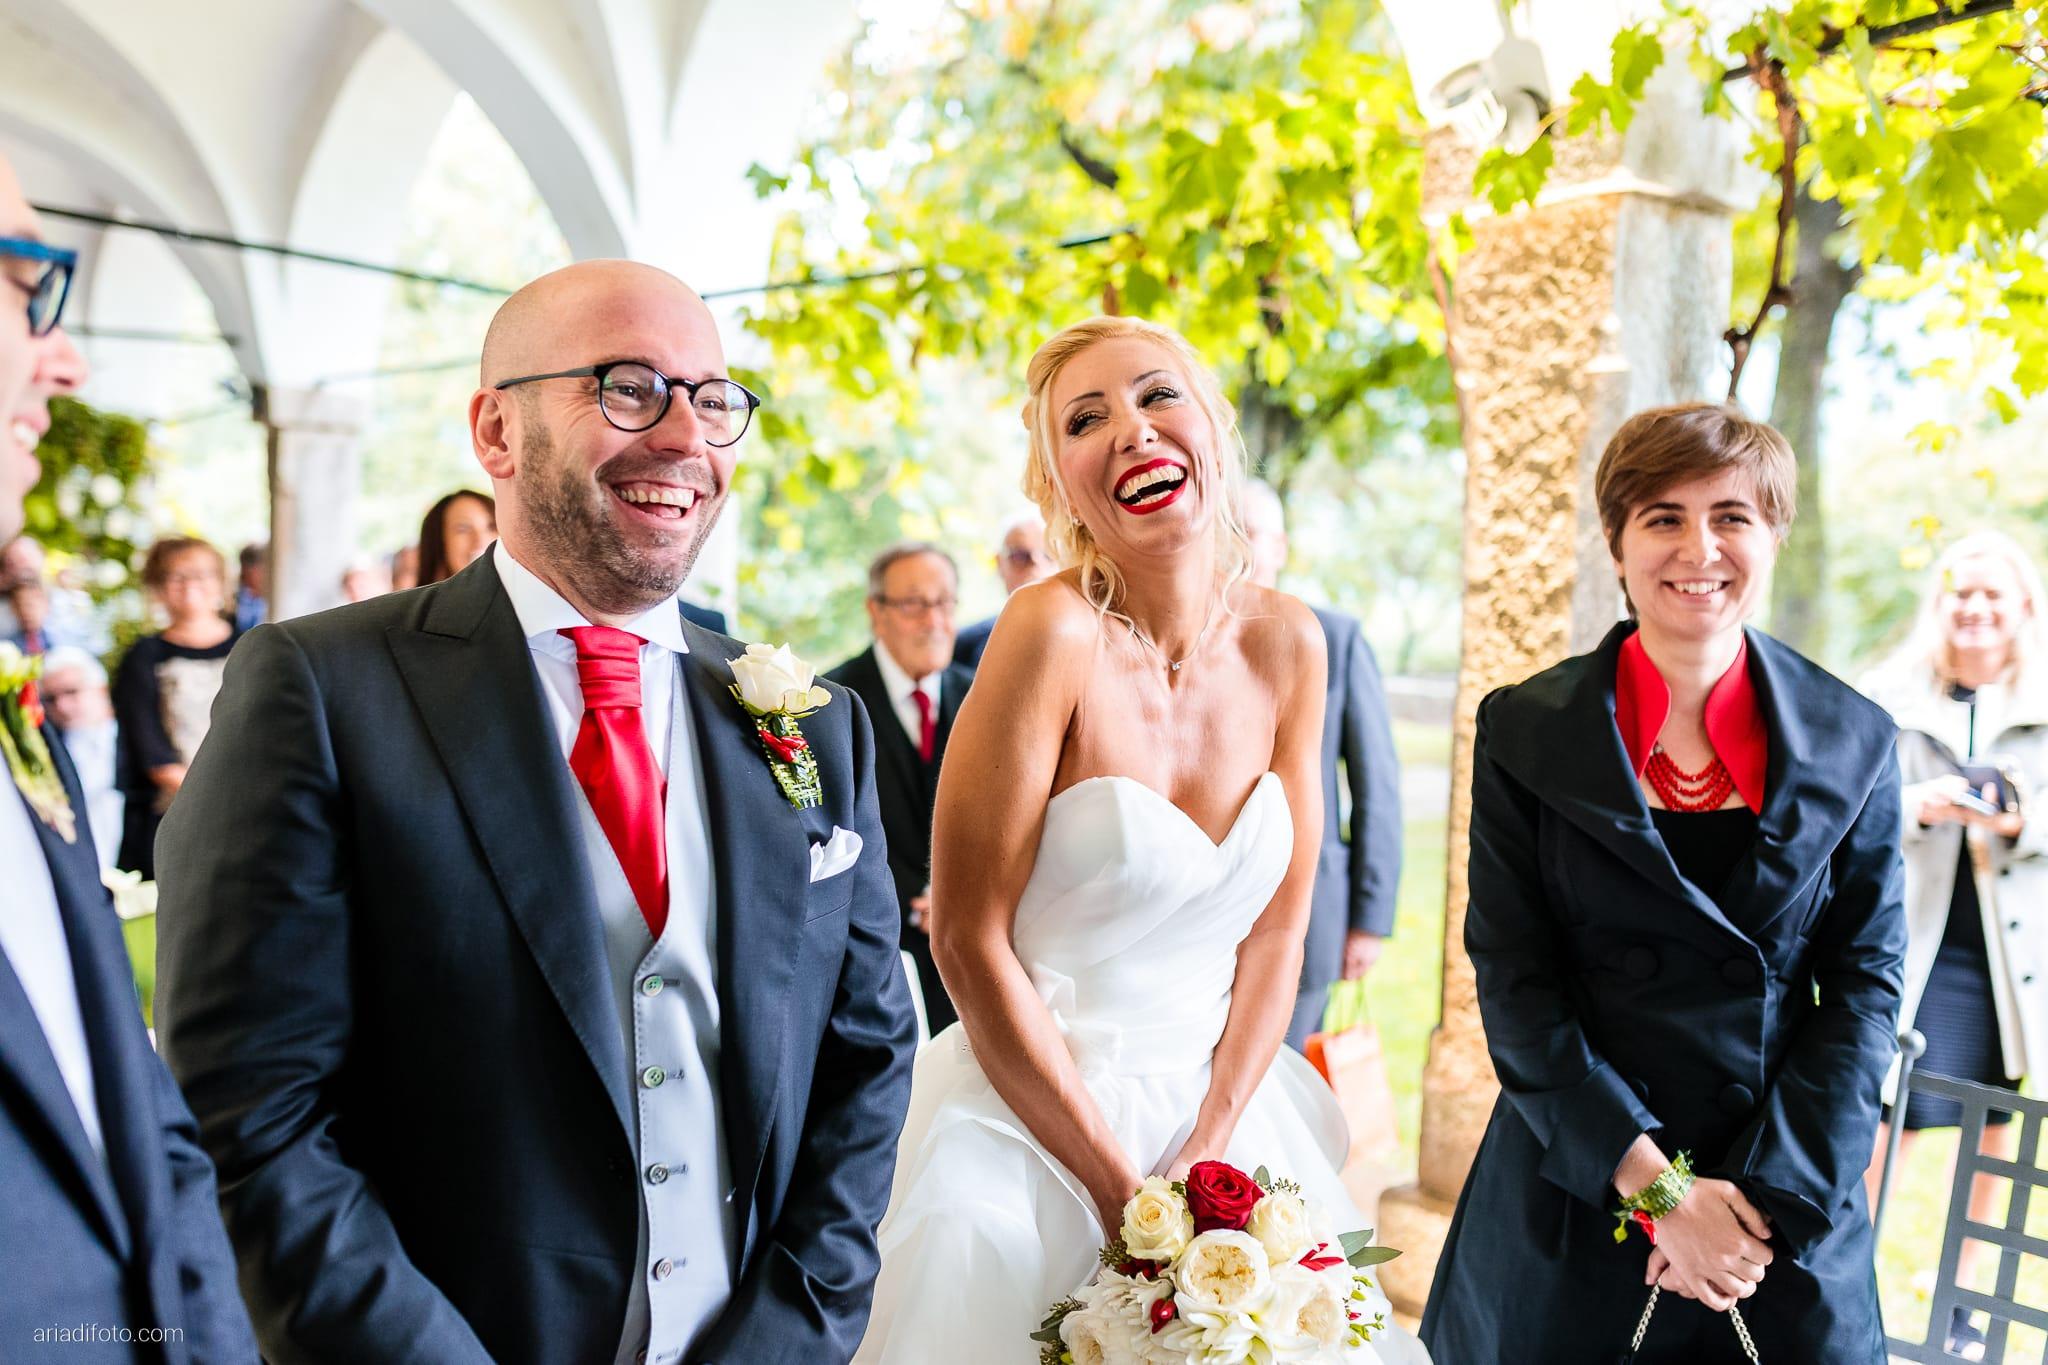 Francesca Davide Matrimonio Destination Wedding Castello Zemono Valle Vipacco Slovenia cerimonia civile promesse scambio degli anelli